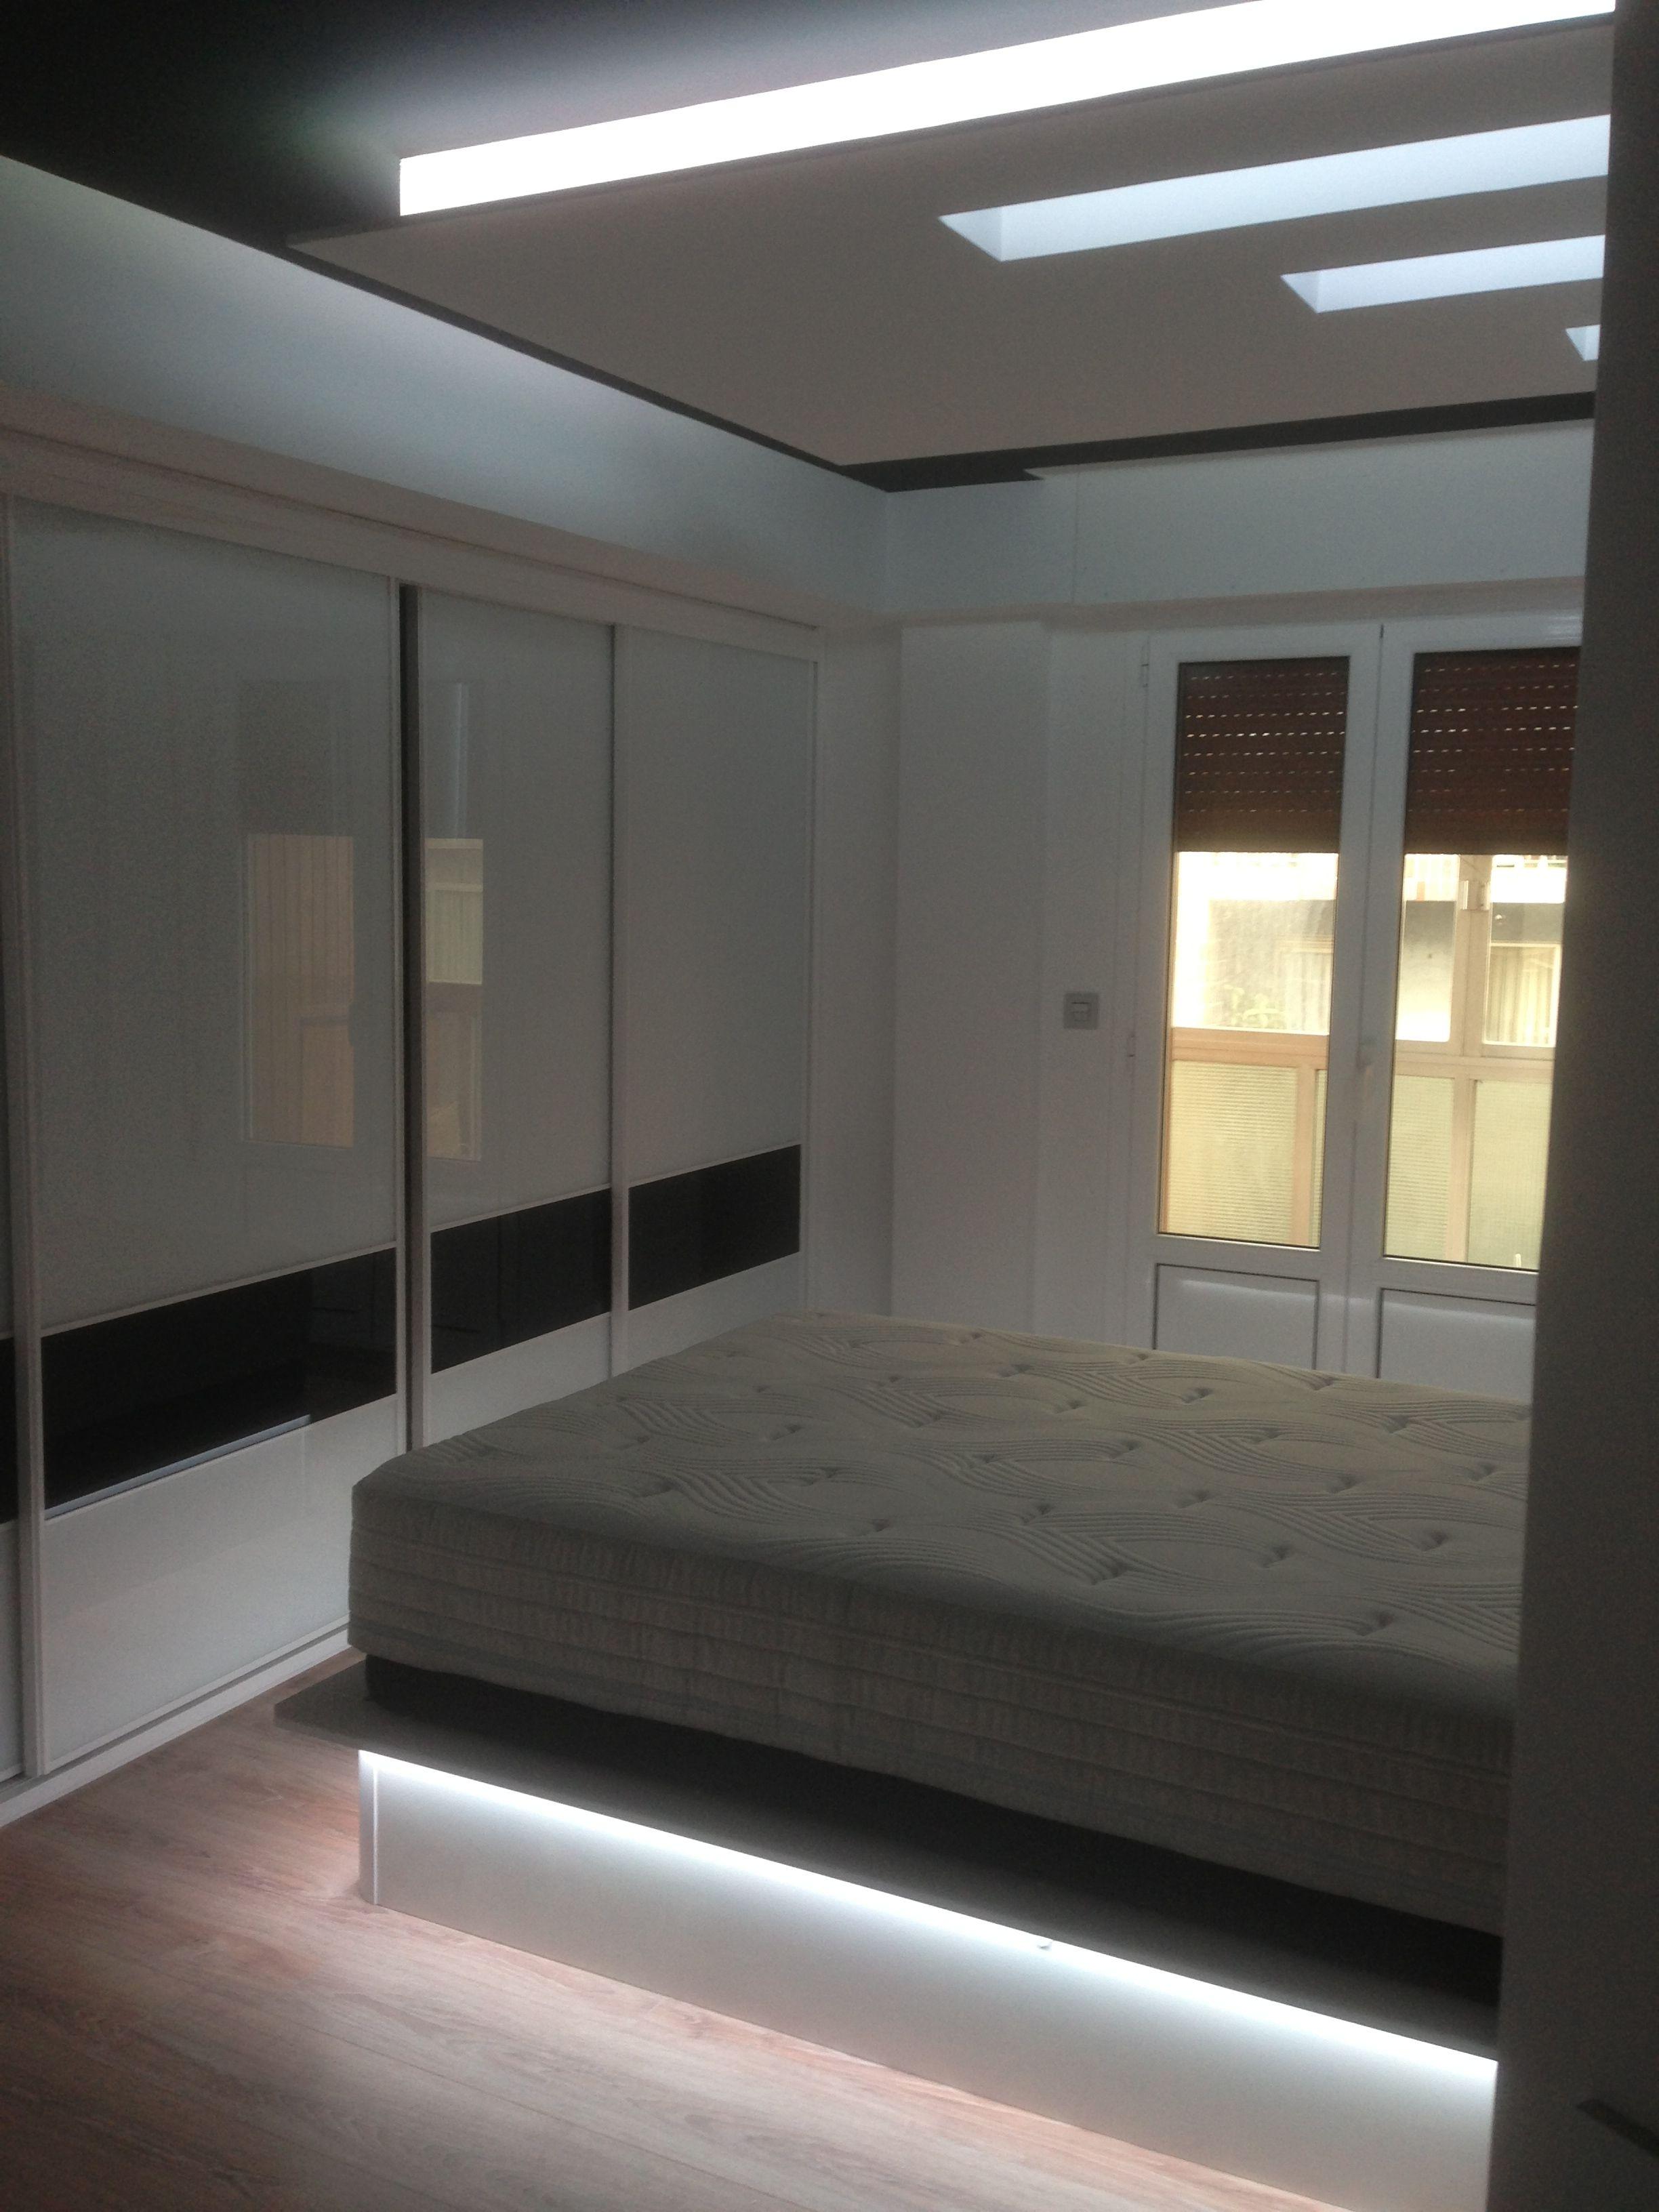 Canap y foseado de dormitorio iluminados con tira de leds - Tiras de led rgb ...